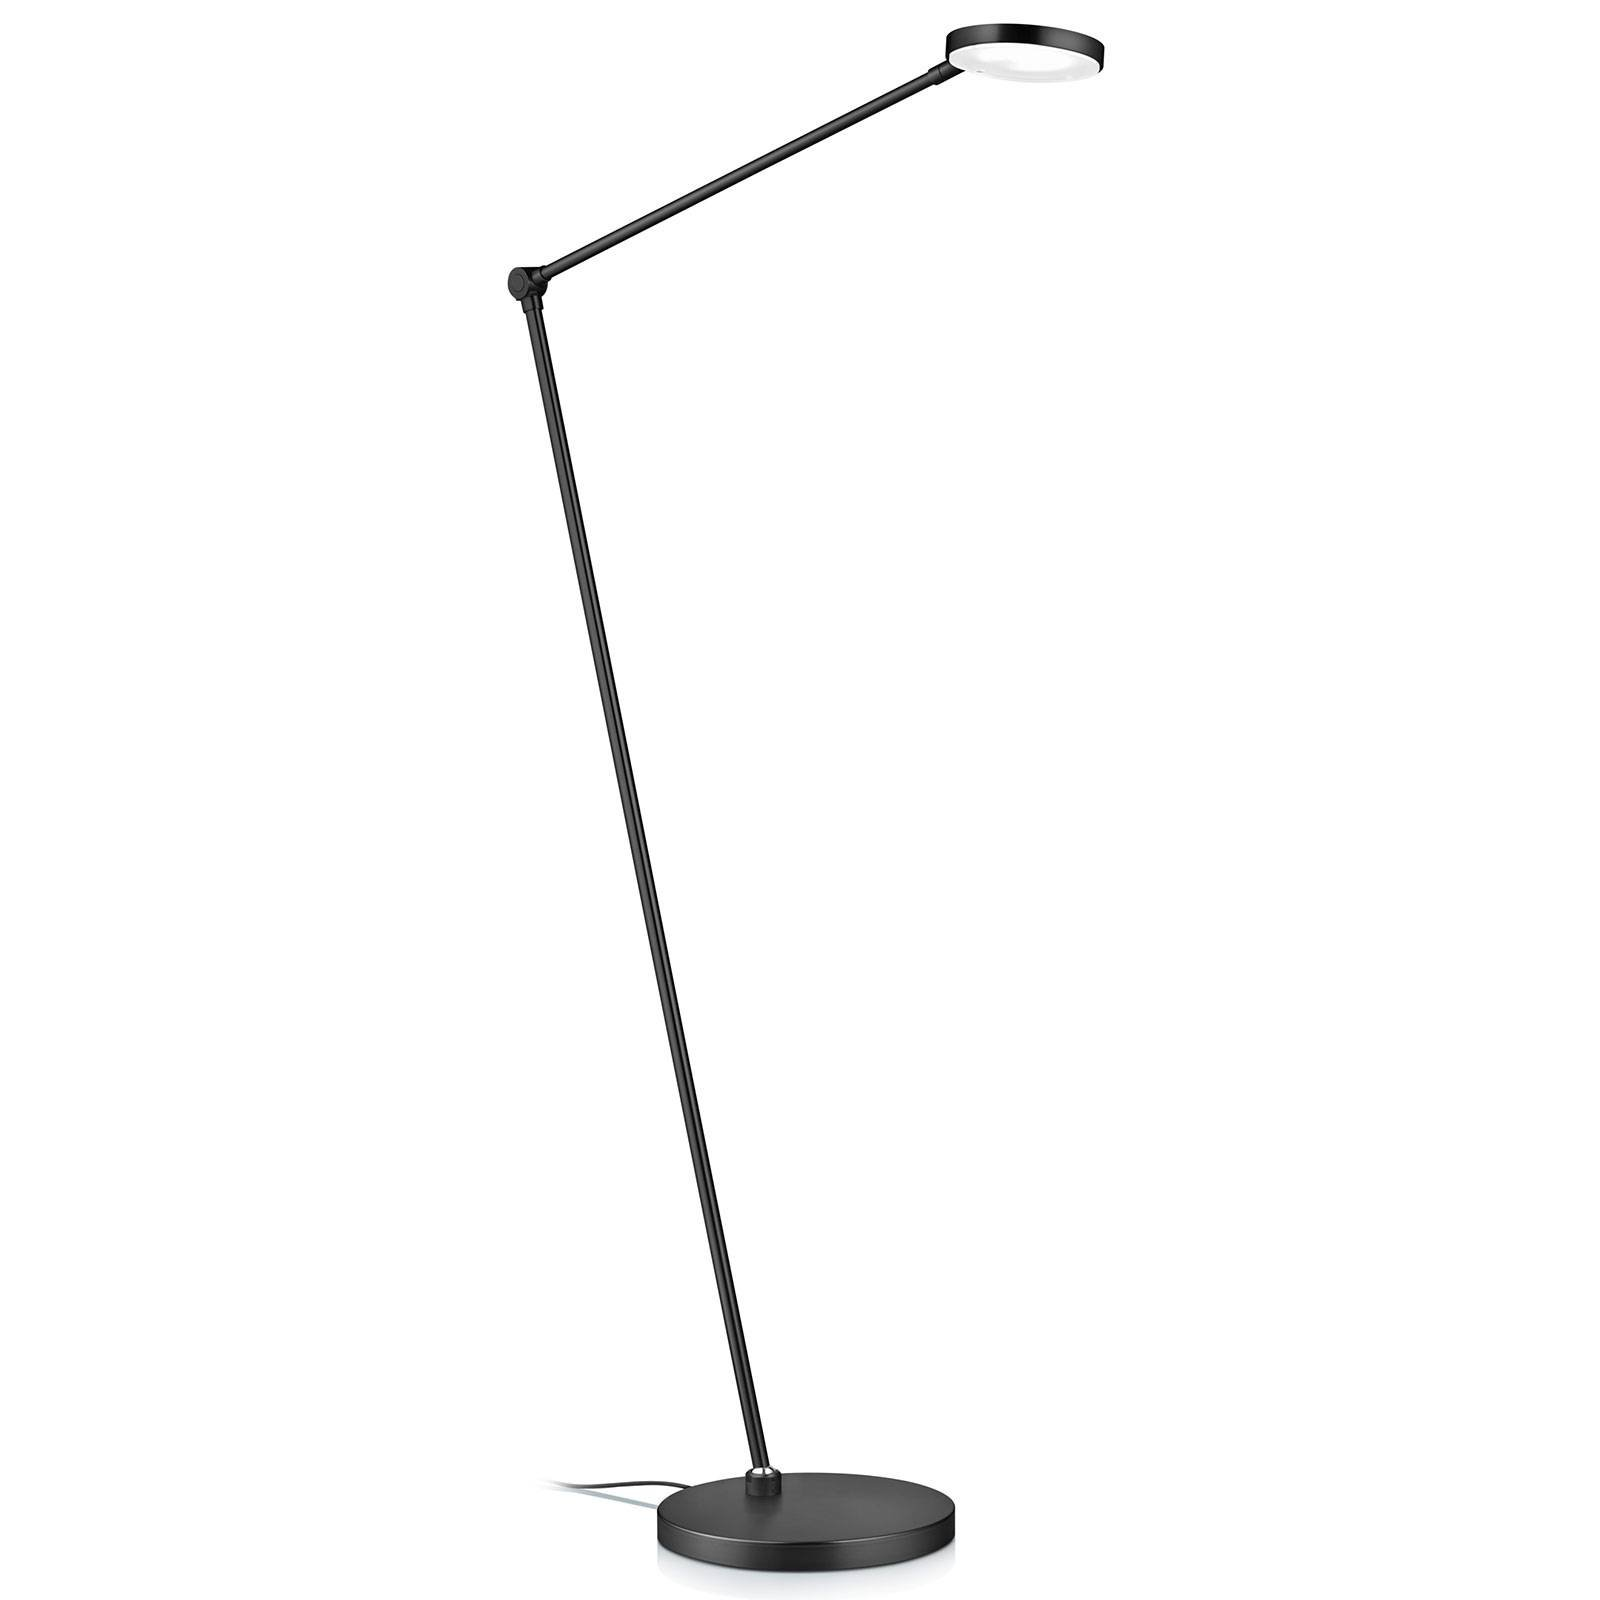 LED-gulvlampe Thea-S, bevegelsesstyring, svart